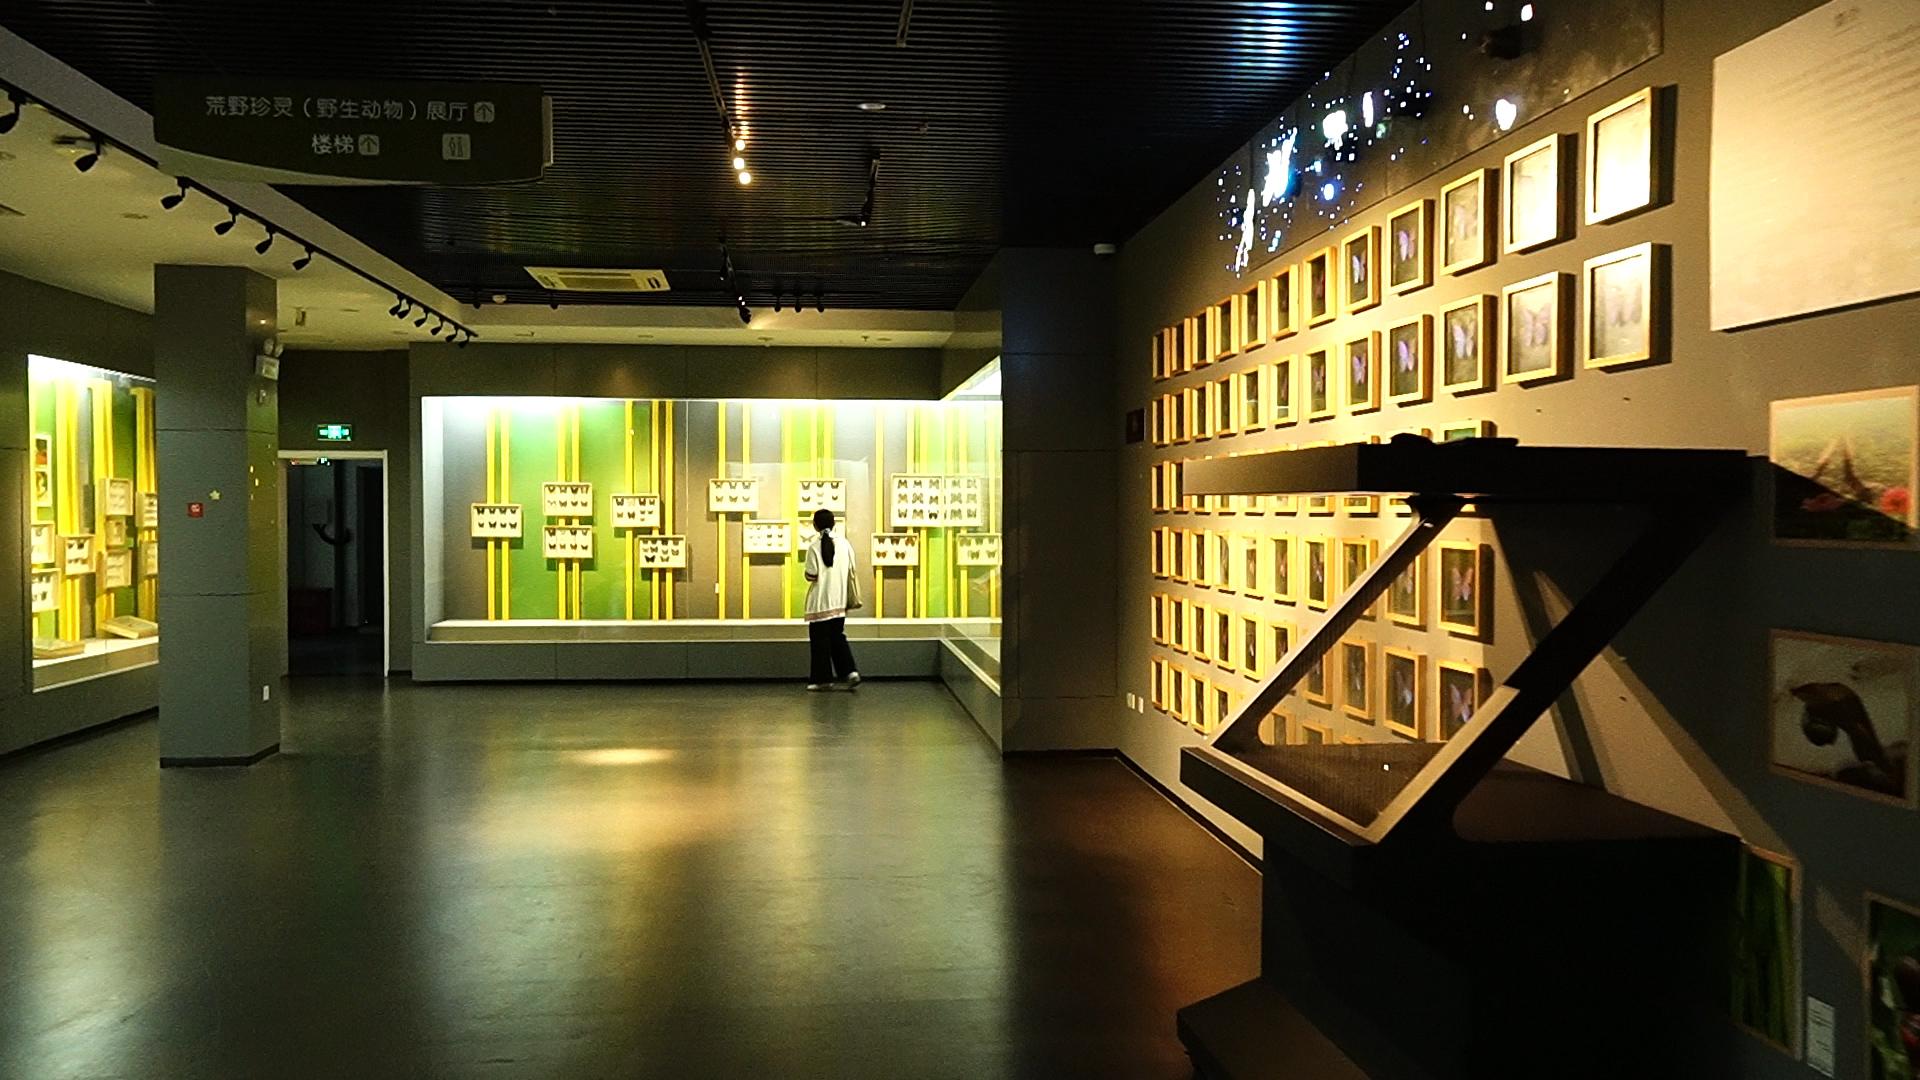 ▲华中农业大学博物馆内(戴壮 摄)